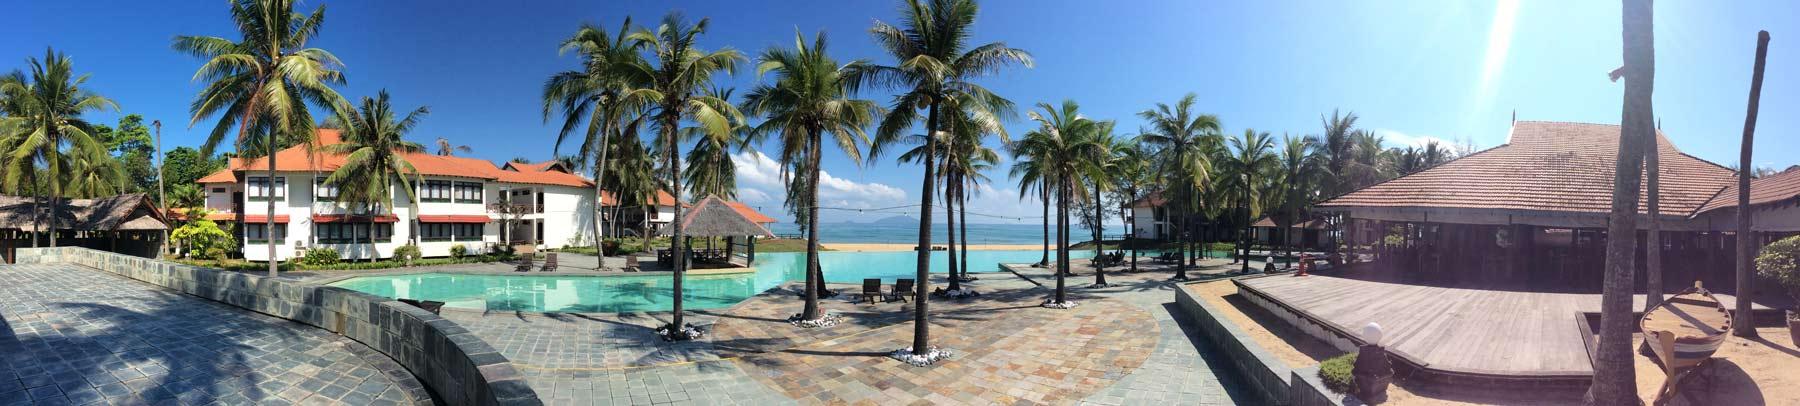 Panorama Sutra Beach Resort